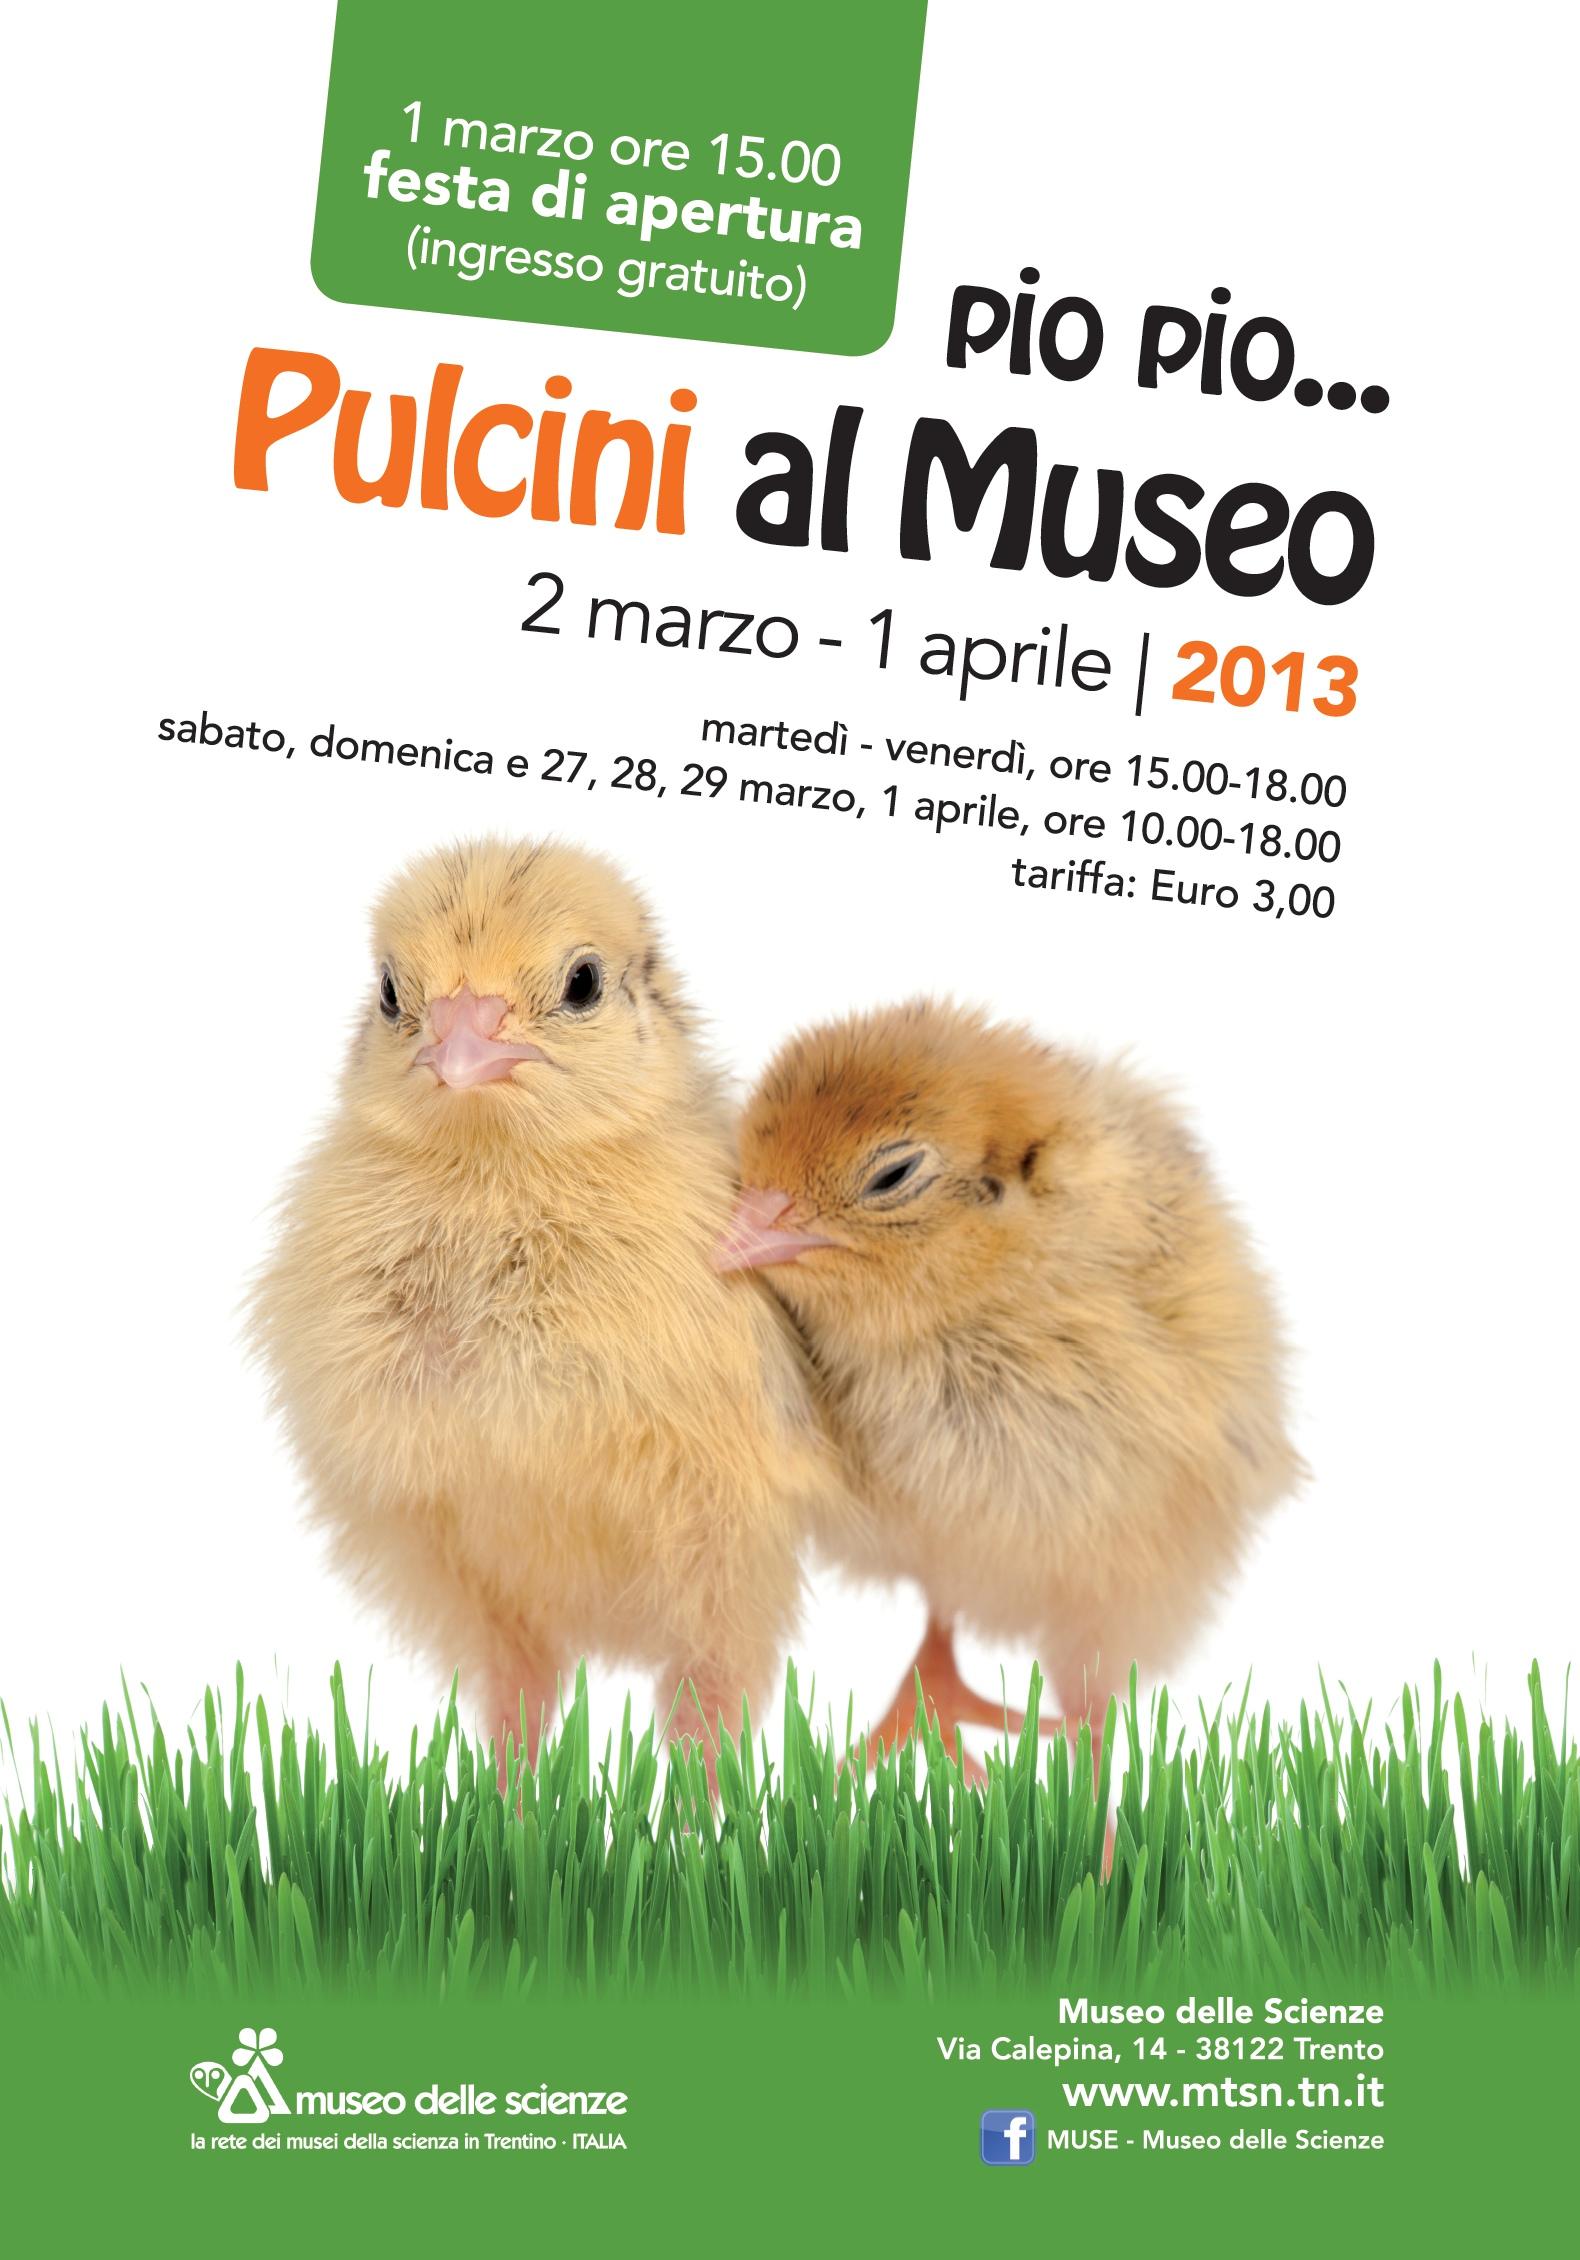 Pulcini al museo ultimi giorni trento blog trento blog for Piccoli progetti di palafitte